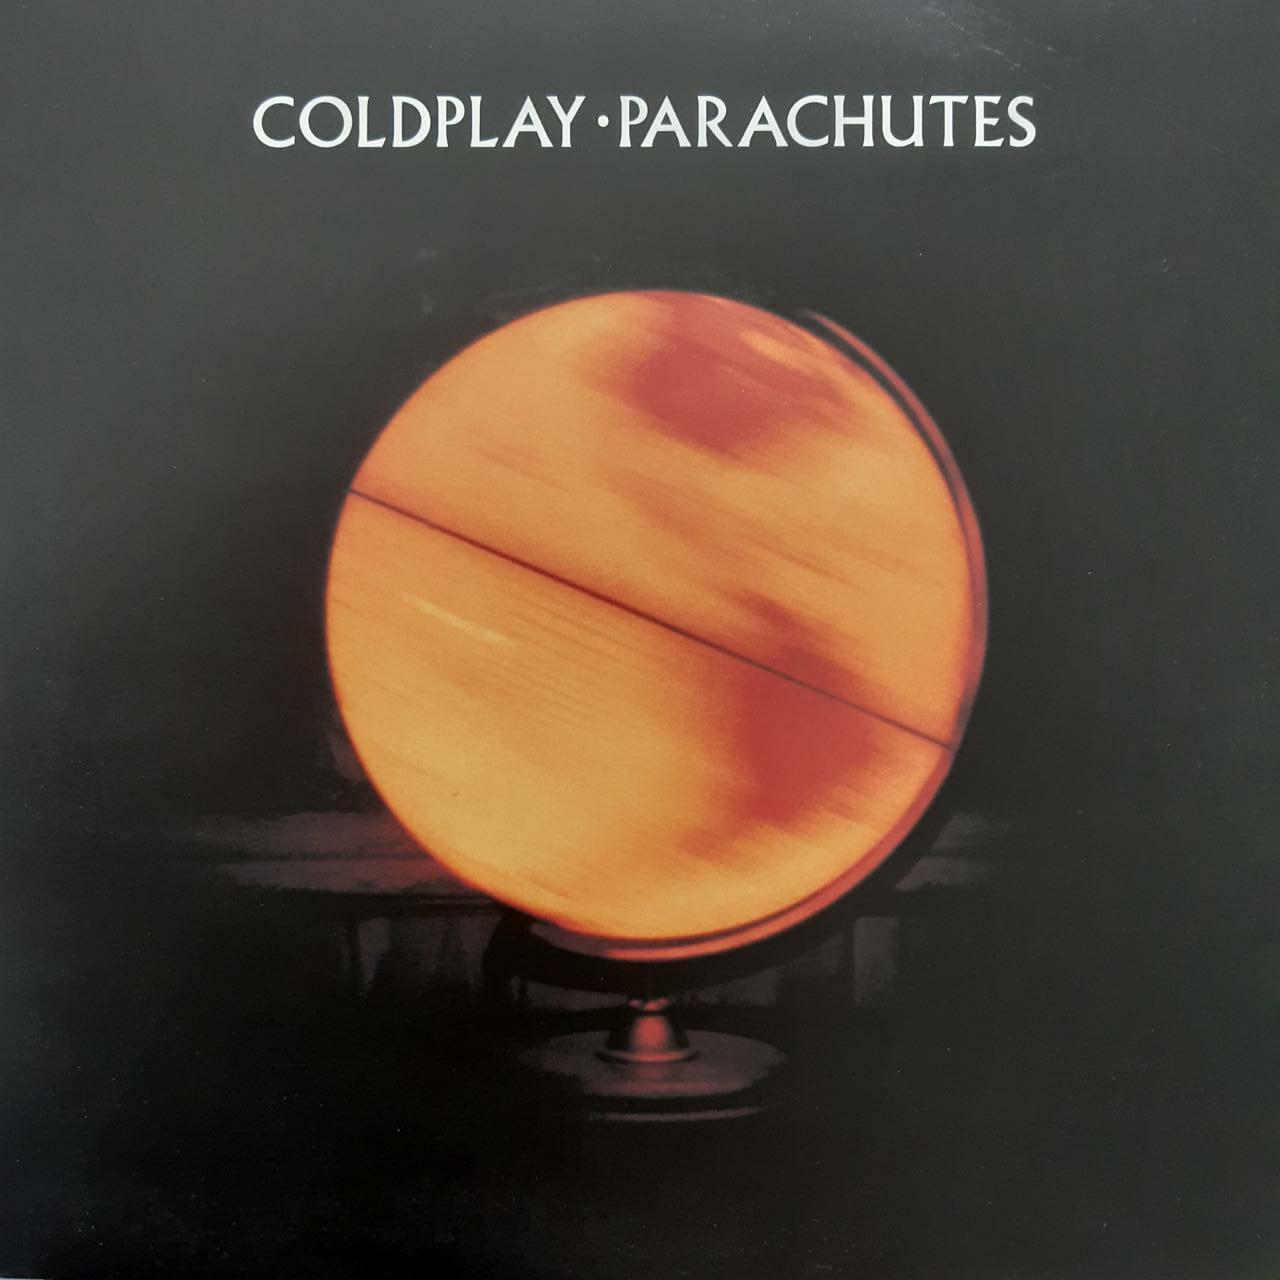 Lp Vinil Coldplay Parachutes